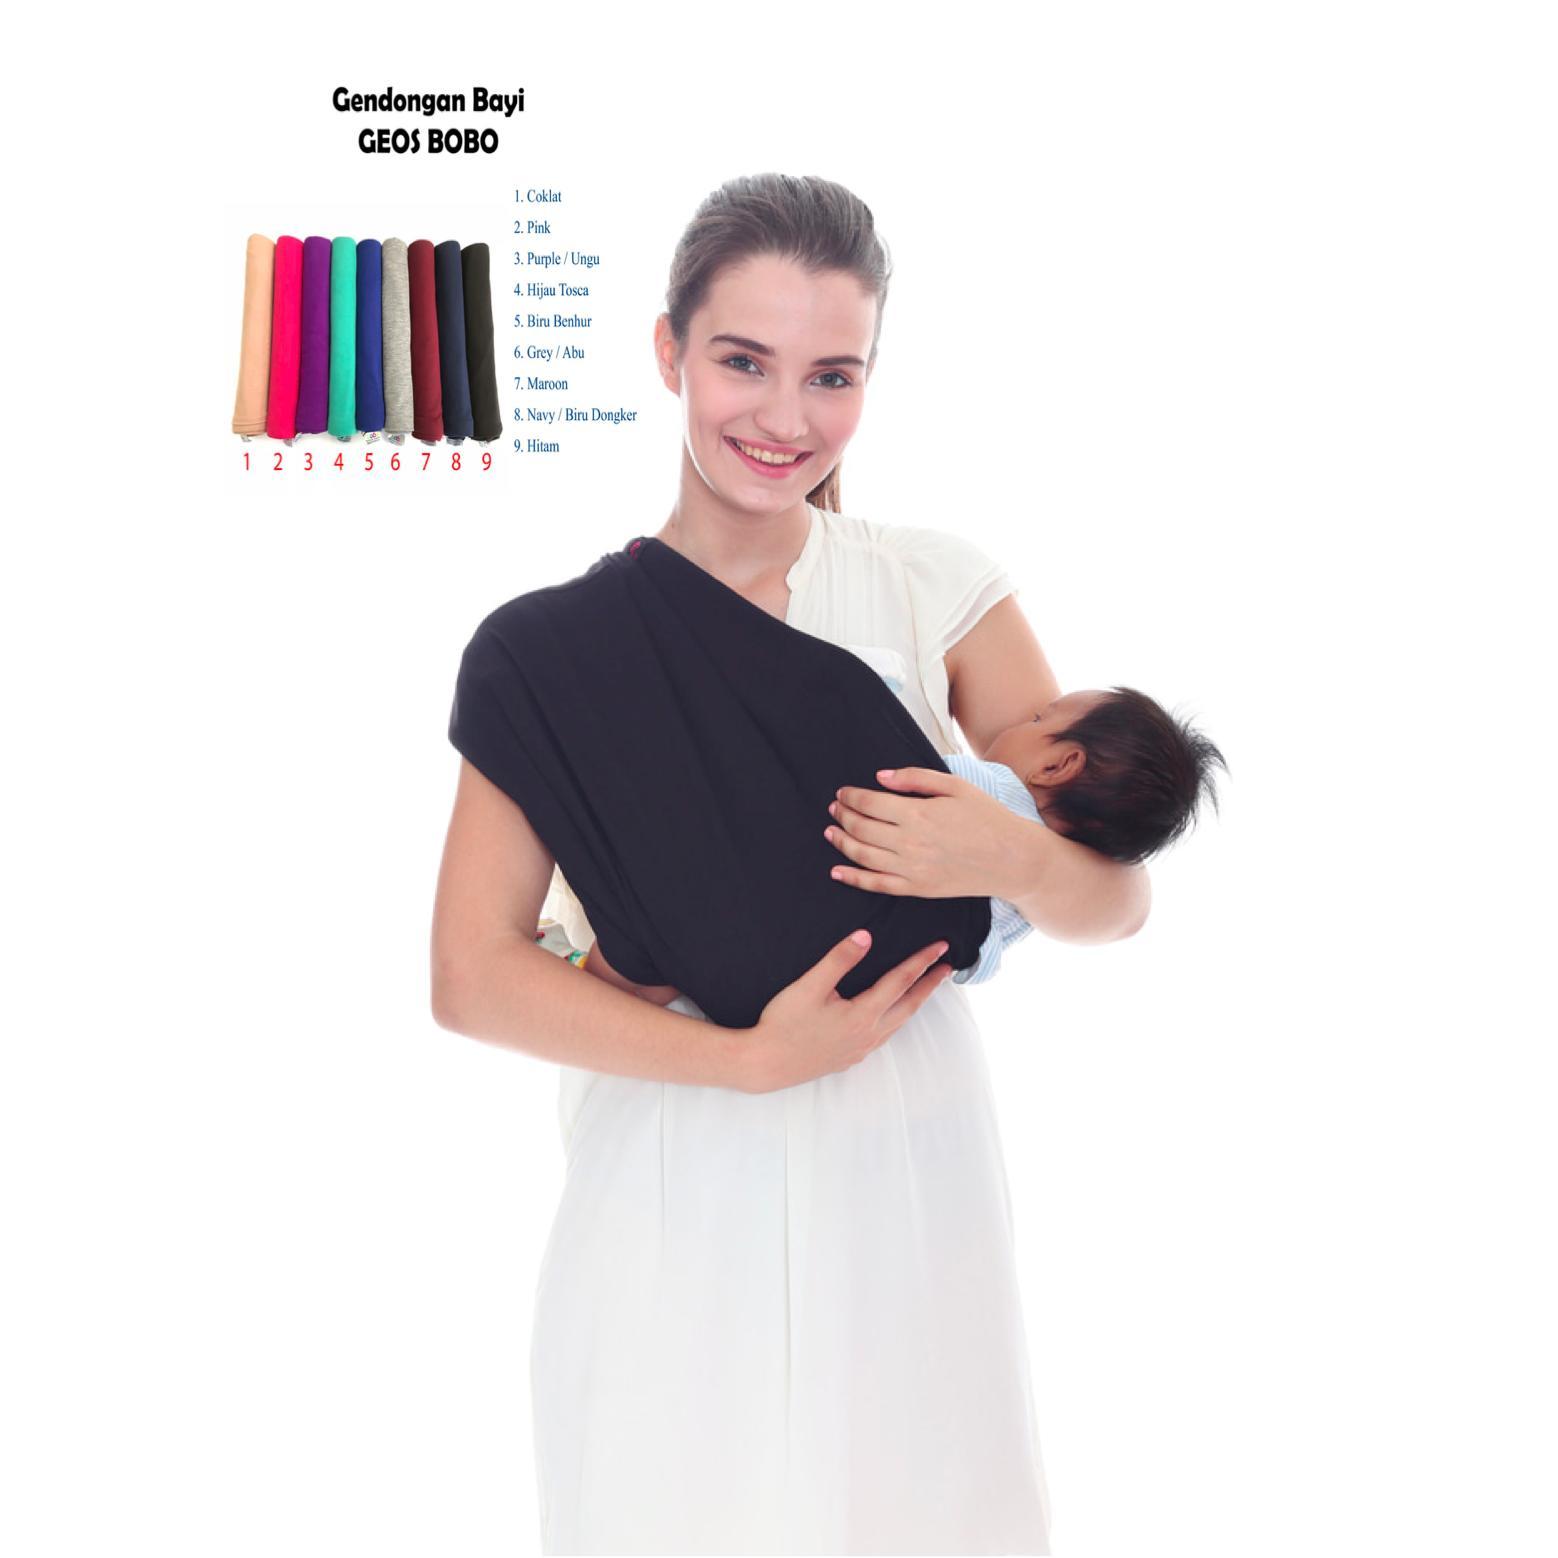 Gendongan Kaos Bobo / GEOS BoBo / Gendongan Bayi Premium Baby Sling - Size M